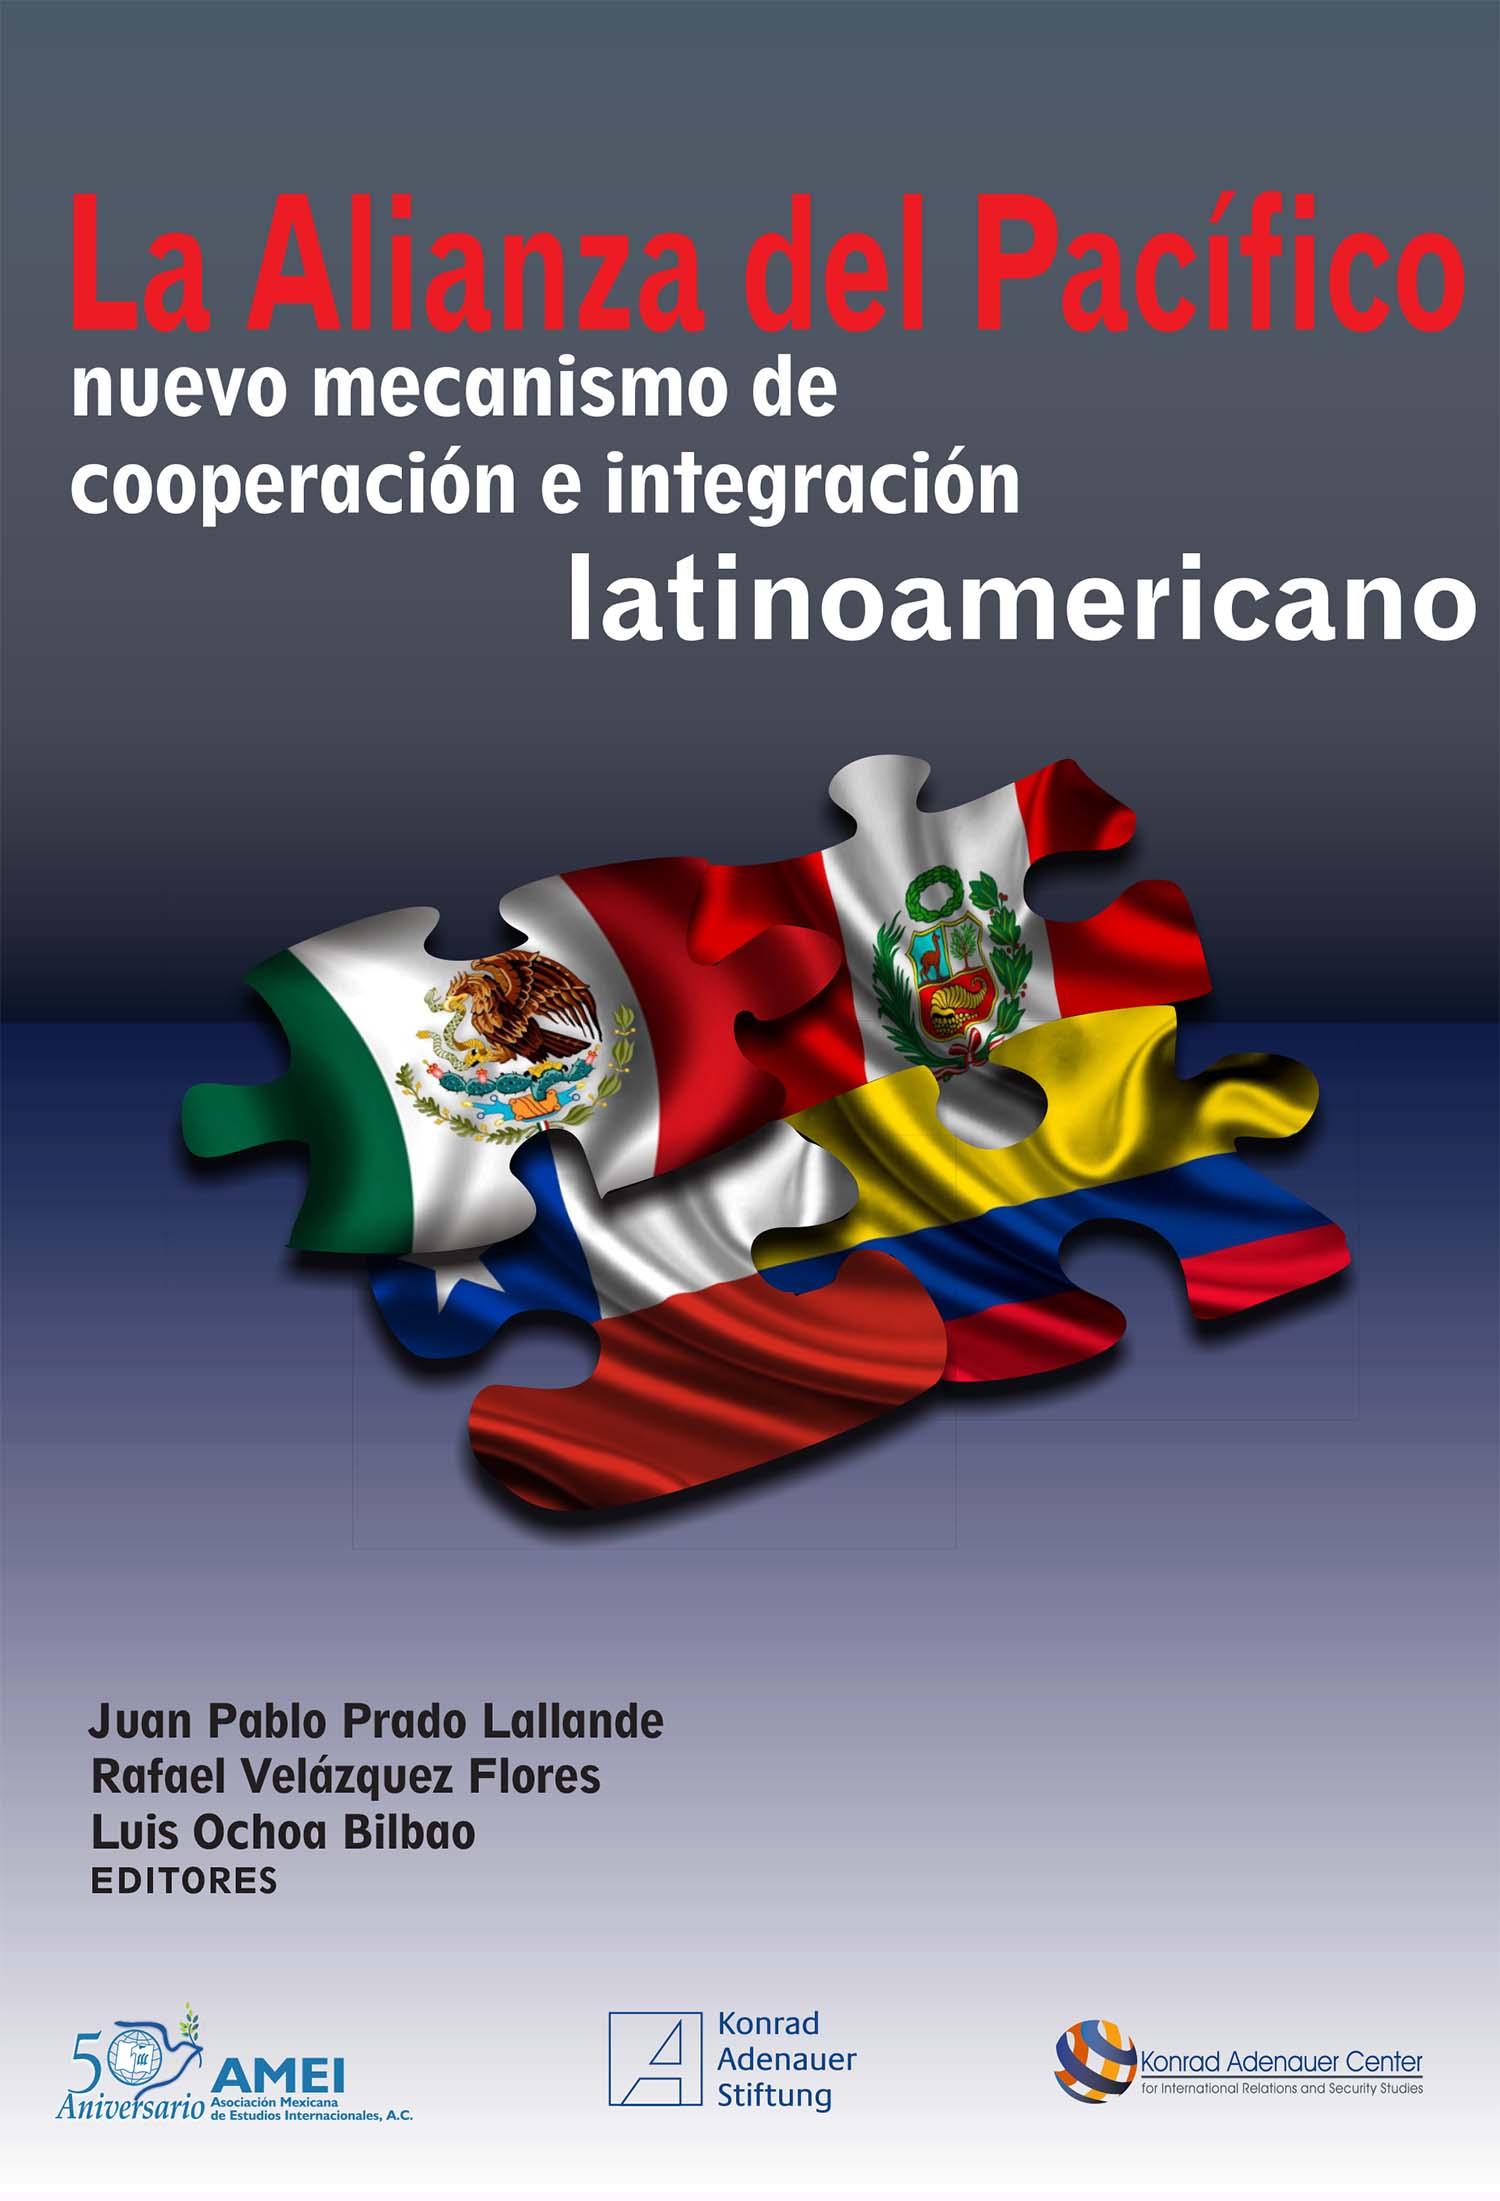 La Alianza del Pacífico: nuevo mecanismo de cooperación e integración latinoamericano Book Cover